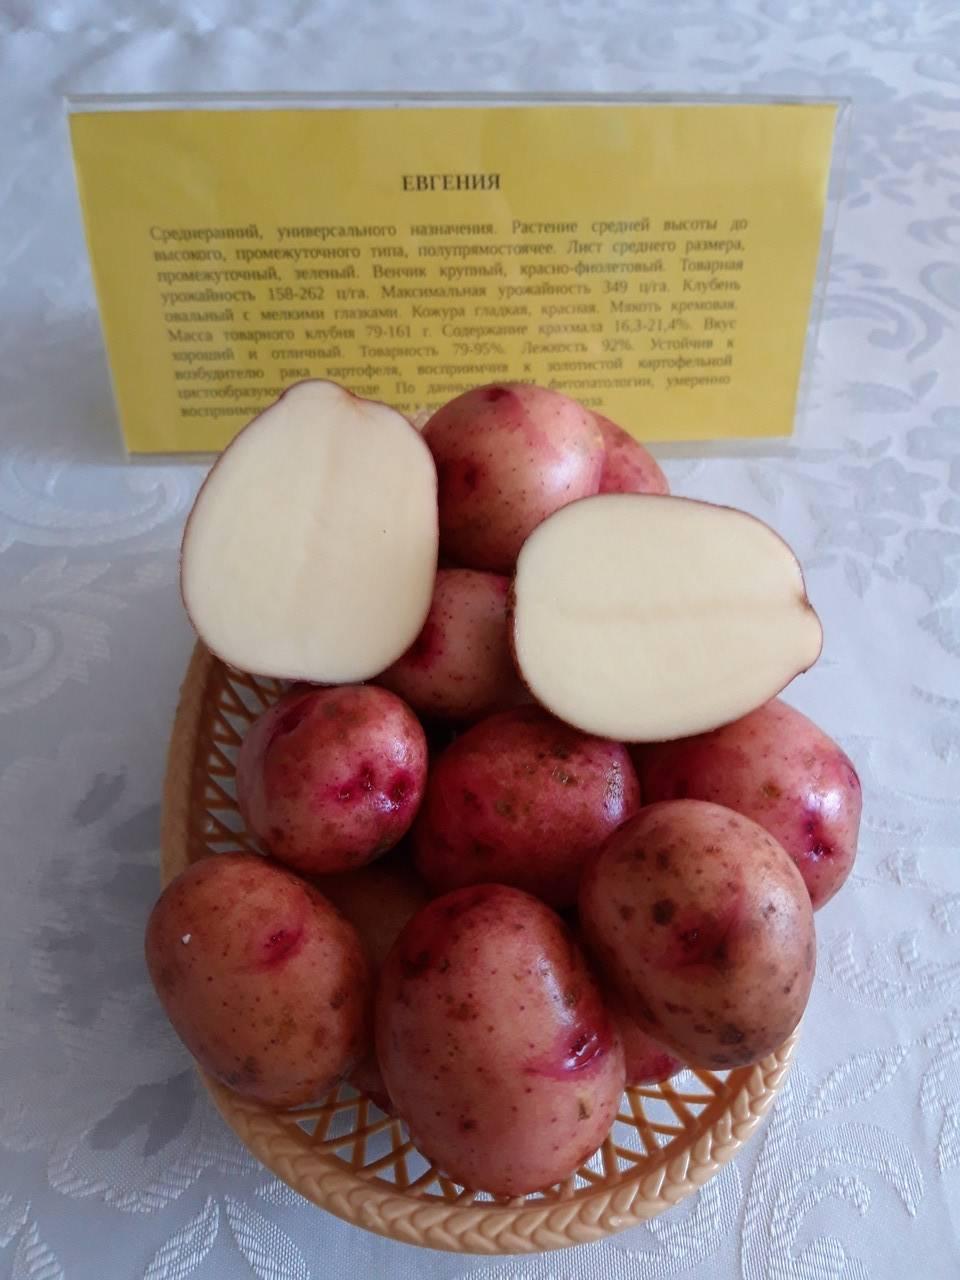 Хорошие сорта картофеля для черноземья